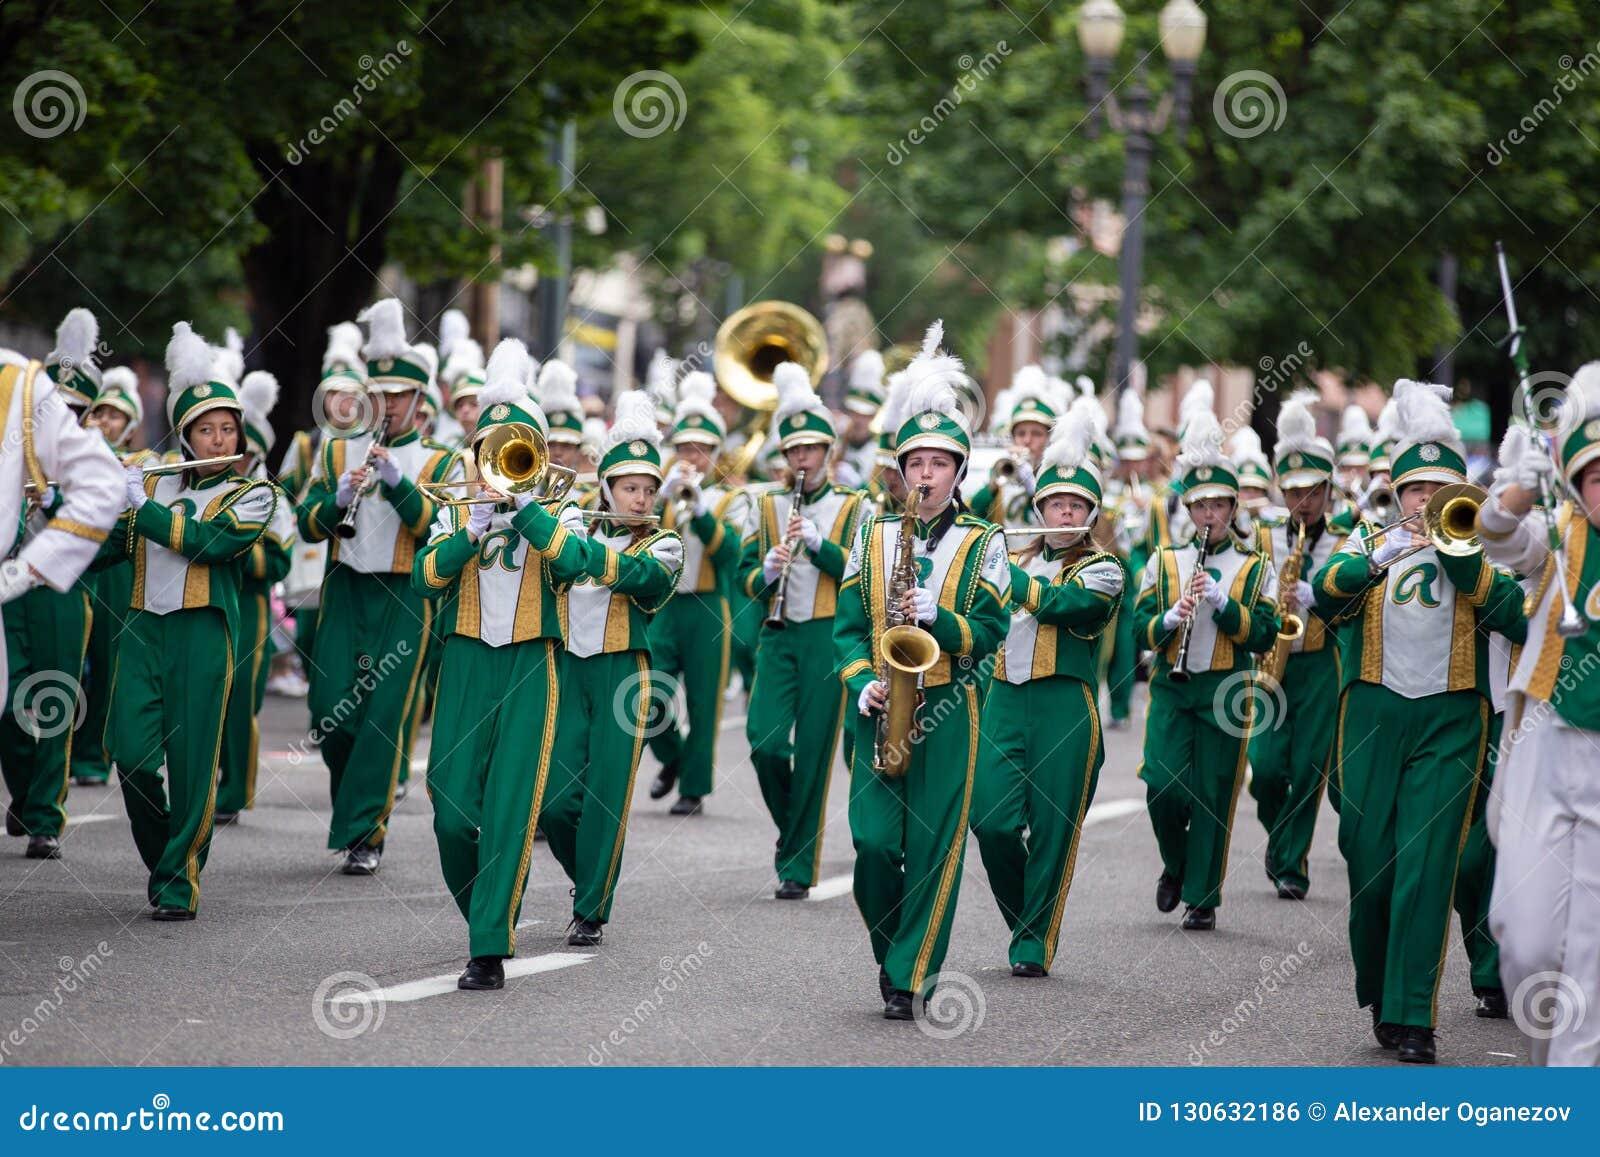 Φορείς φλαούτων και σαλπίγγων στη μεγάλη floral παρέλαση